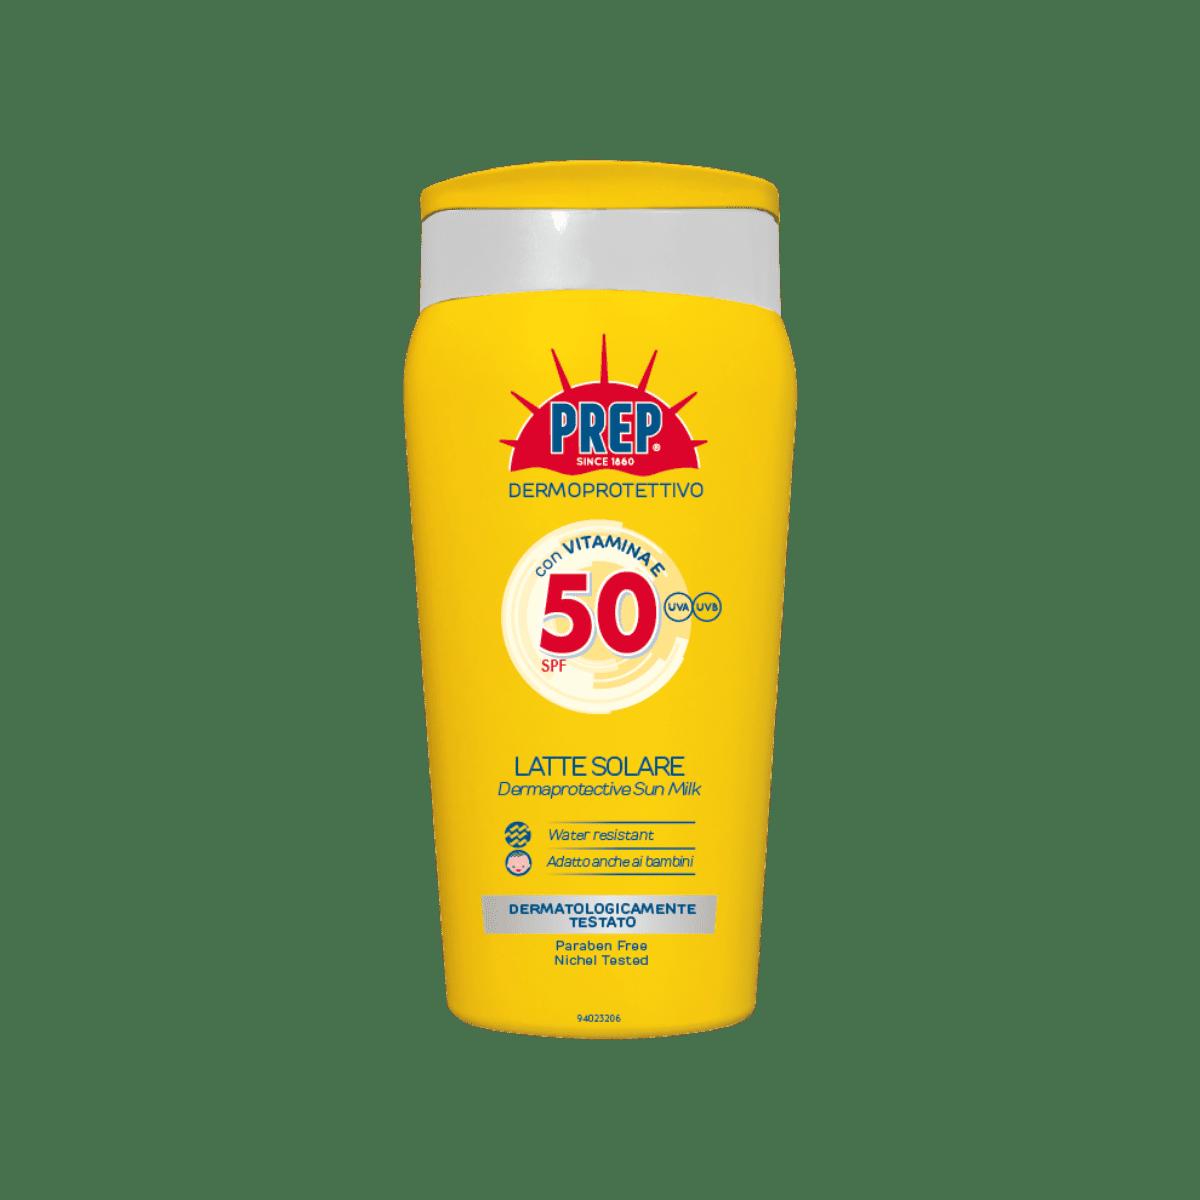 PREP Derma Protective Sun Milk SPF 50 -  ochranné opaľovacie mlieko, 200 ml